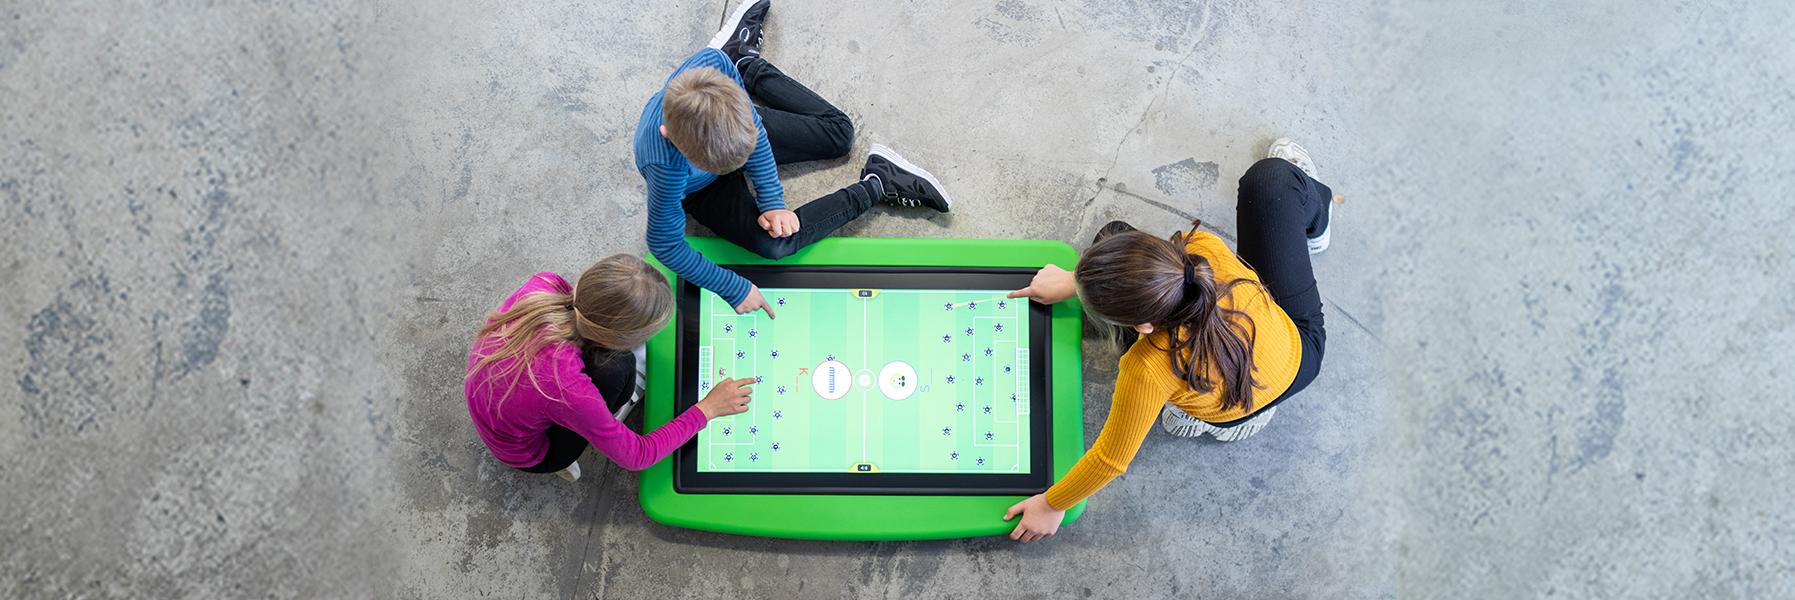 Manico interaktīvais galds bērniem